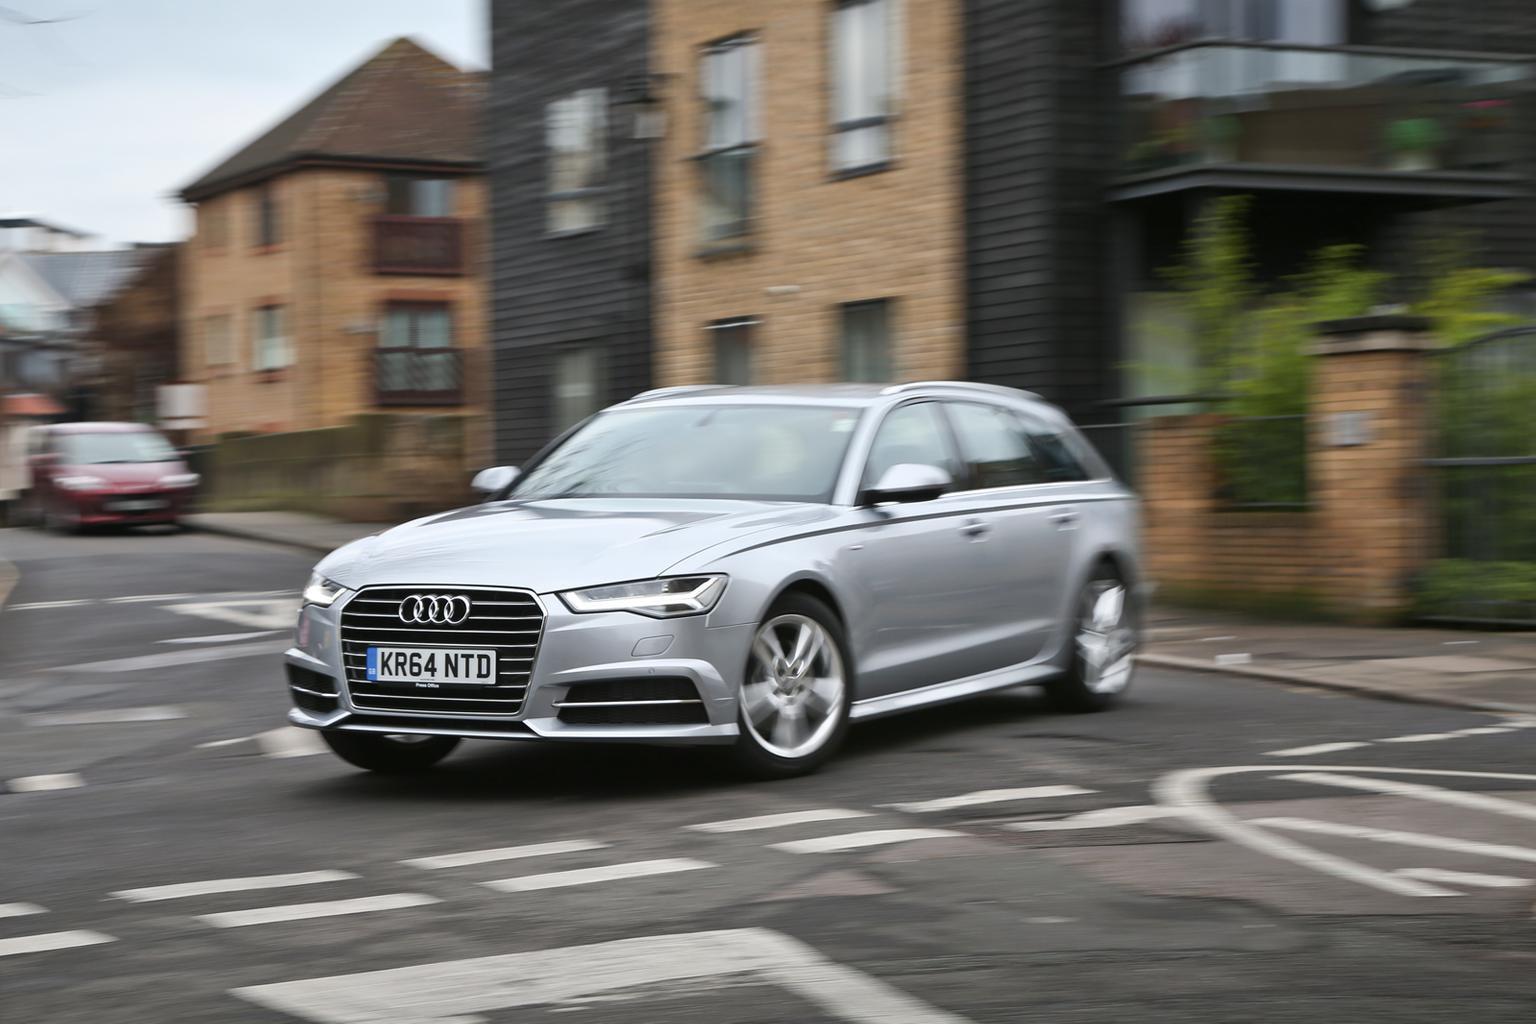 Audi A6 Avant long-term review